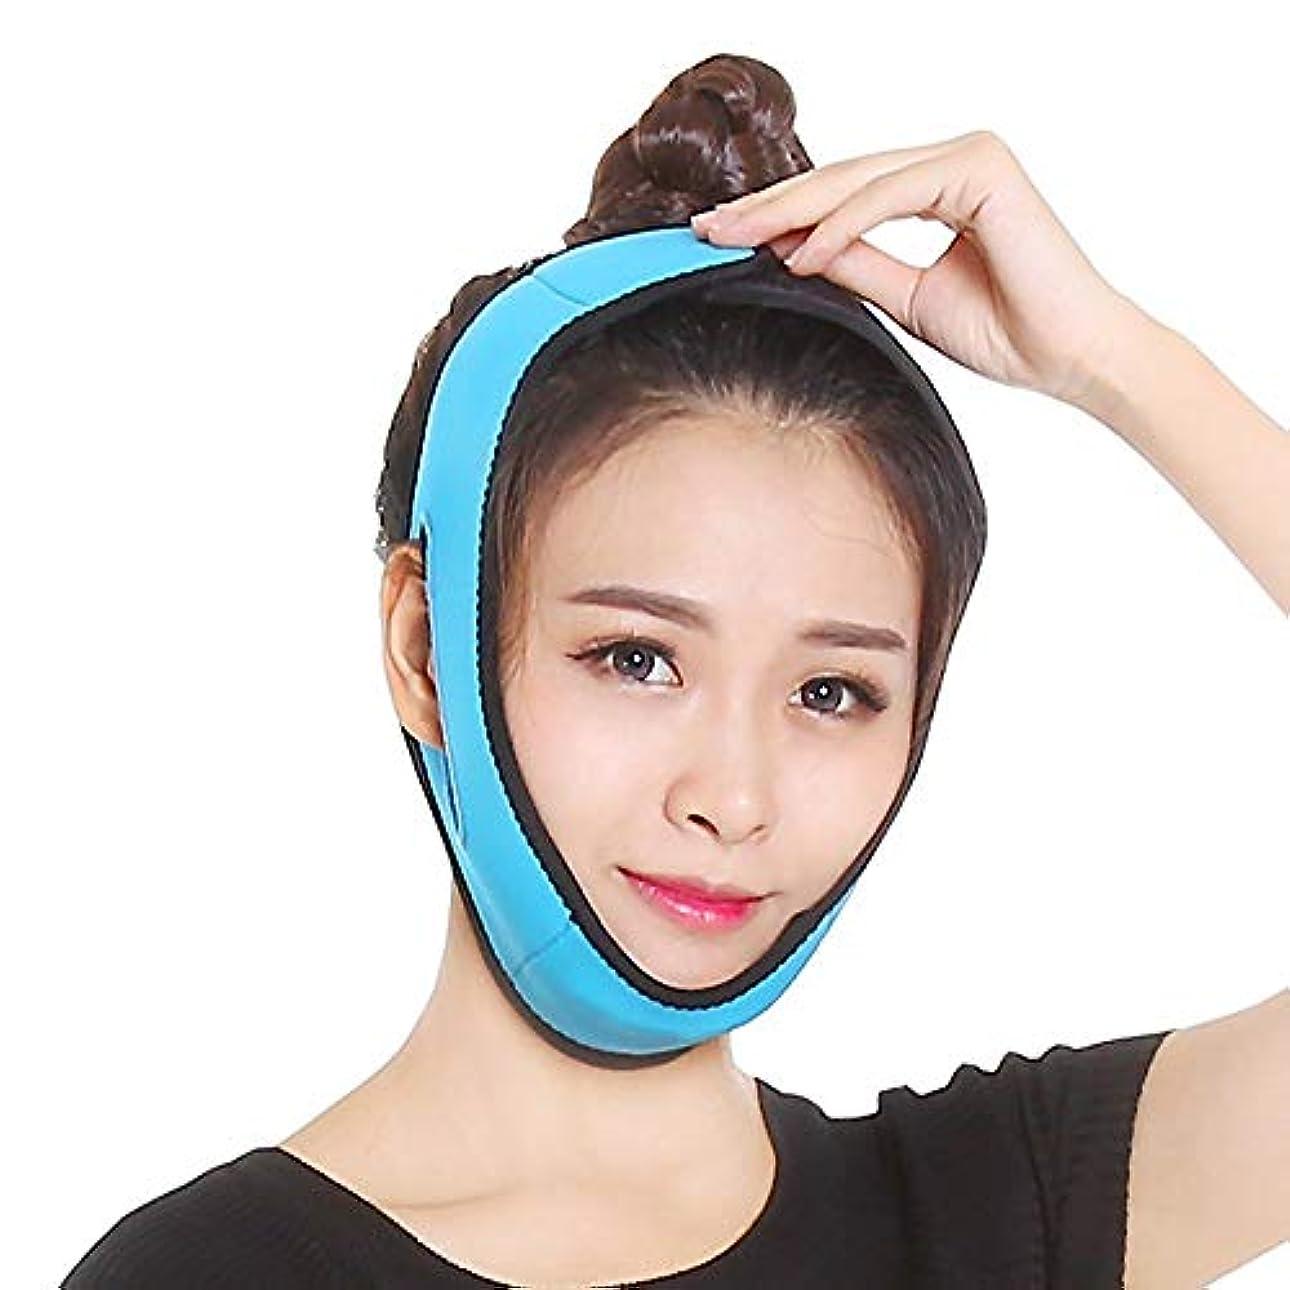 ぞっとするようなボクシング弁護フェイスリフトベルト 薄い顔のベルト - 薄い顔のツール薄い顔のベルト通気性のラテックスのマッサージV型の顔のアーティファクトの顔の薄いマスク